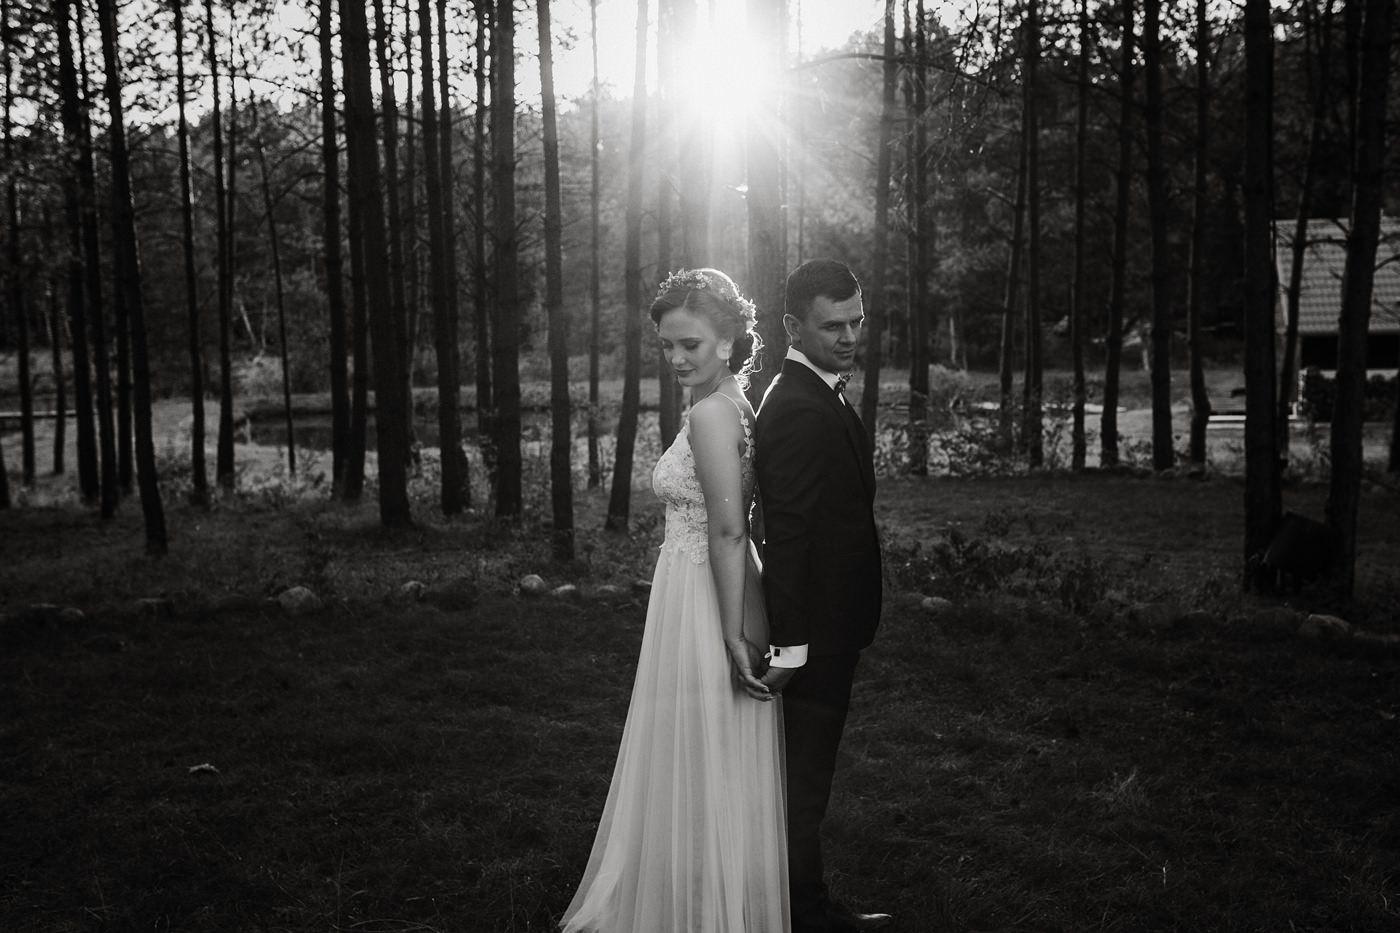 Anna & Wojtek - Ślub cywilny w plenerze - Barnówko w Sam Las 84